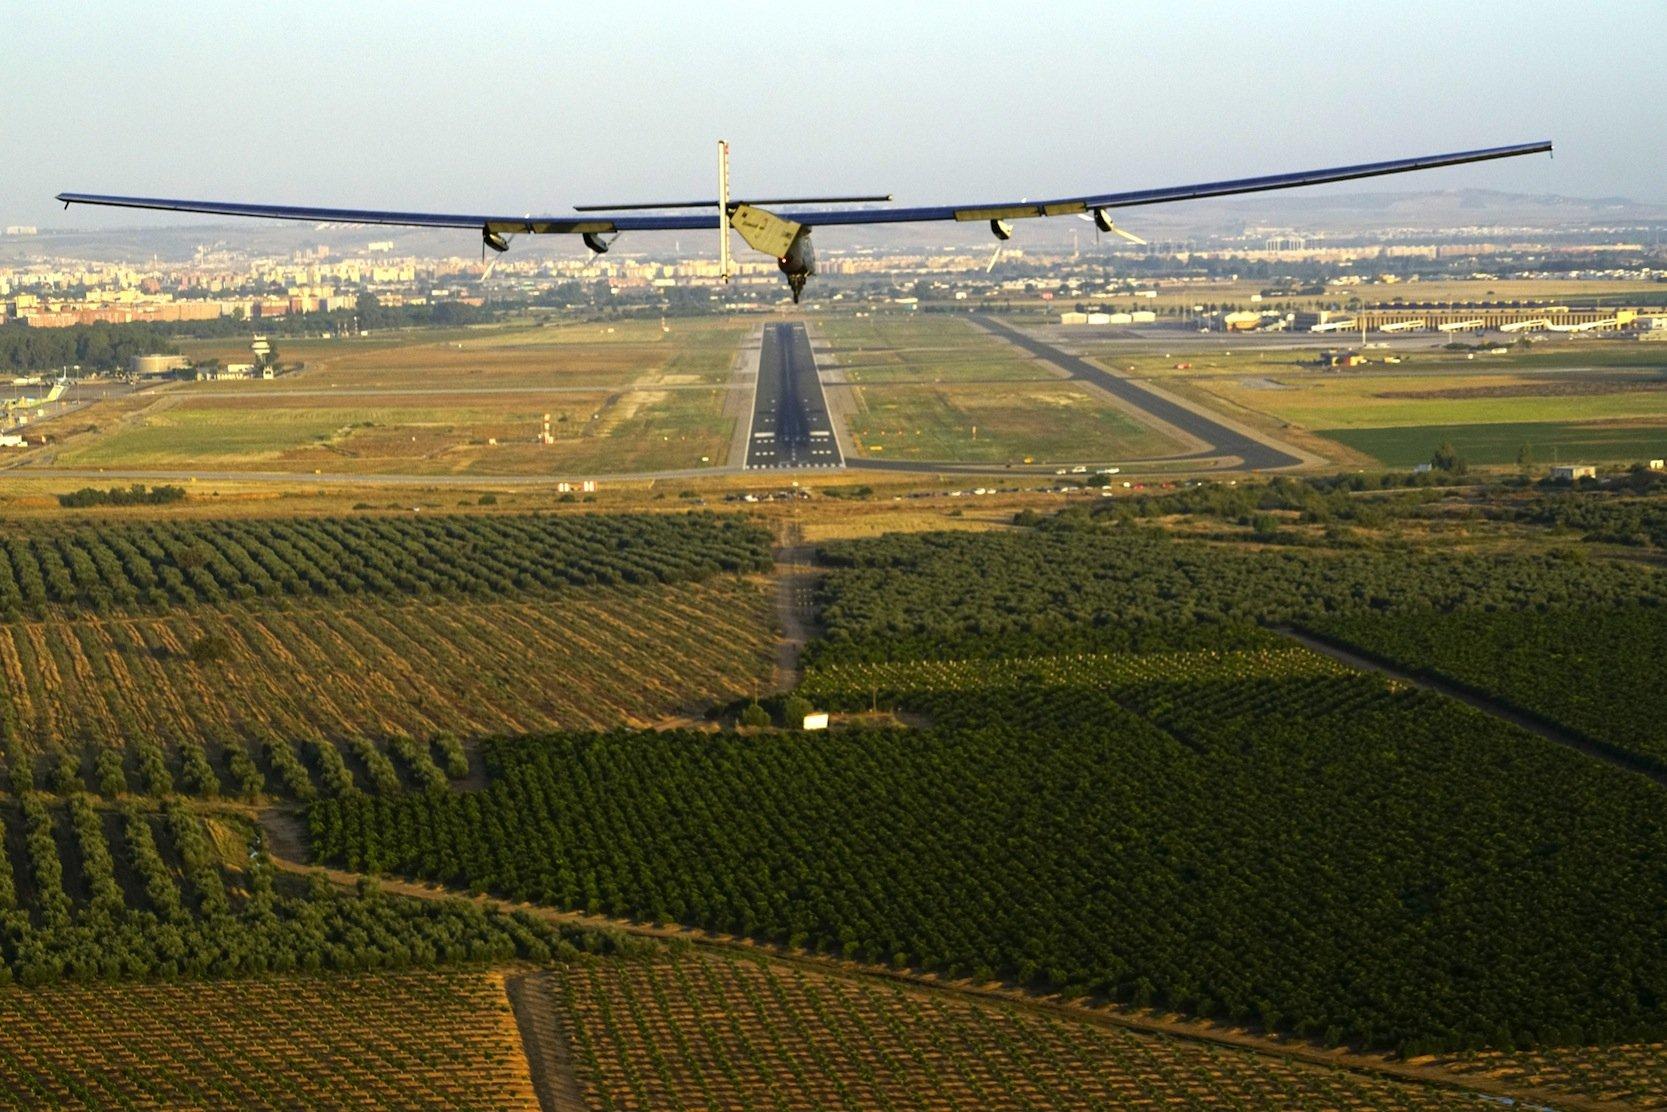 Landung der Solar Impulse 2 um 7:38 Uhr in Sevilla.